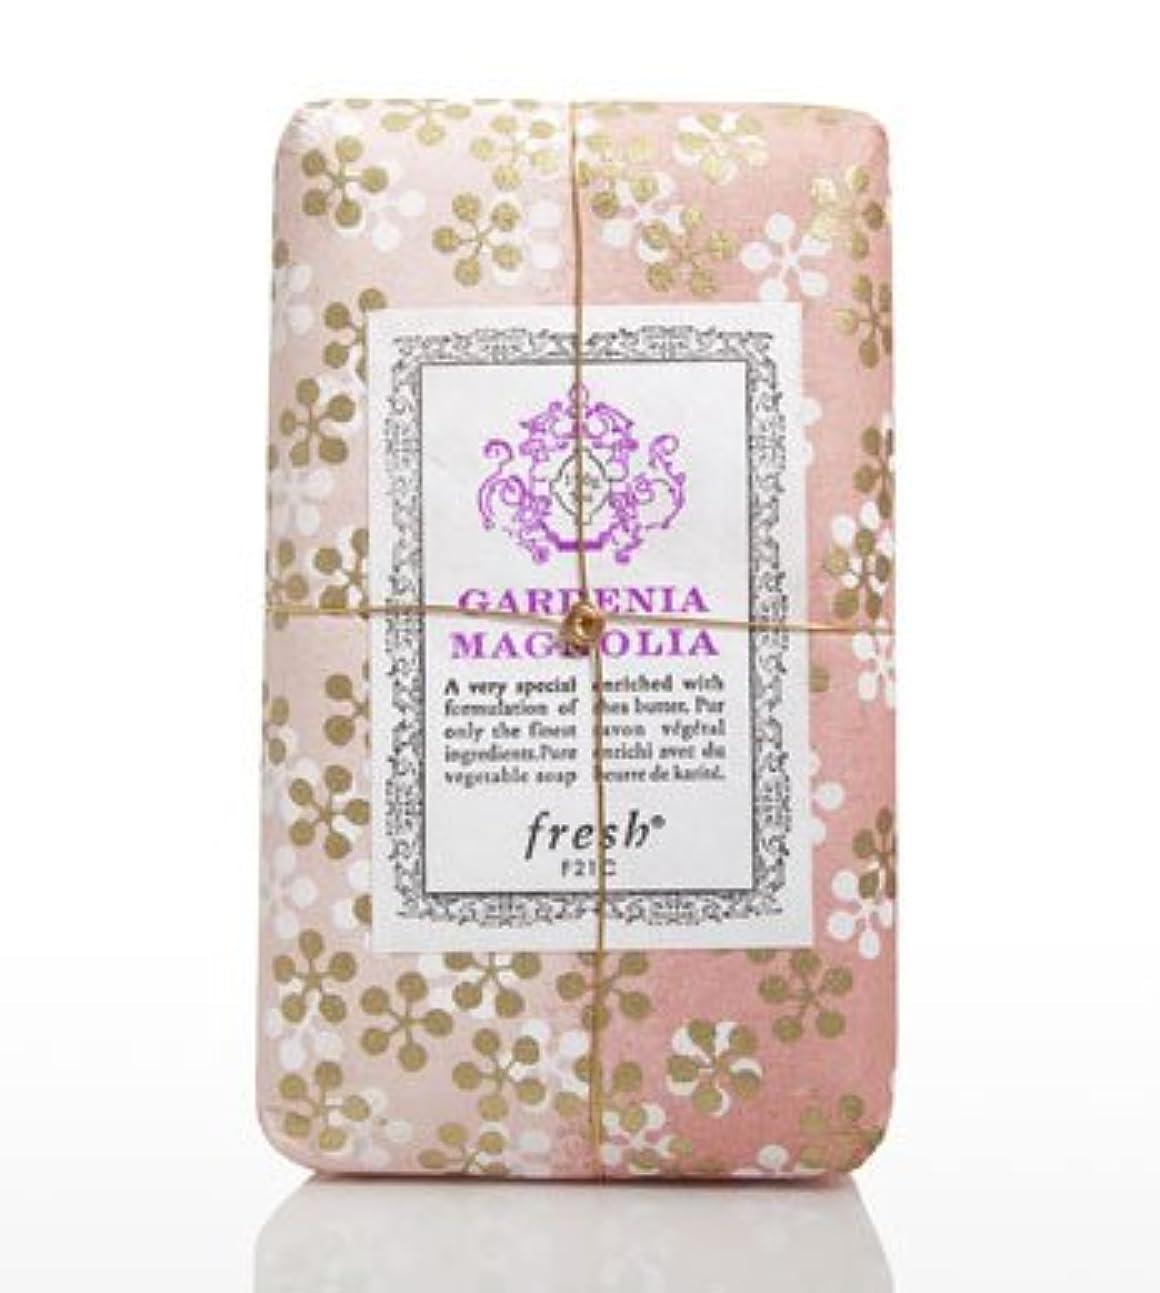 明日感情アカデミーFresh GARDENIA MAGNOLIA SOAP(フレッシュ ガーデナマグノリア ソープ) 5.0 oz (150gl) 石鹸 by Fresh